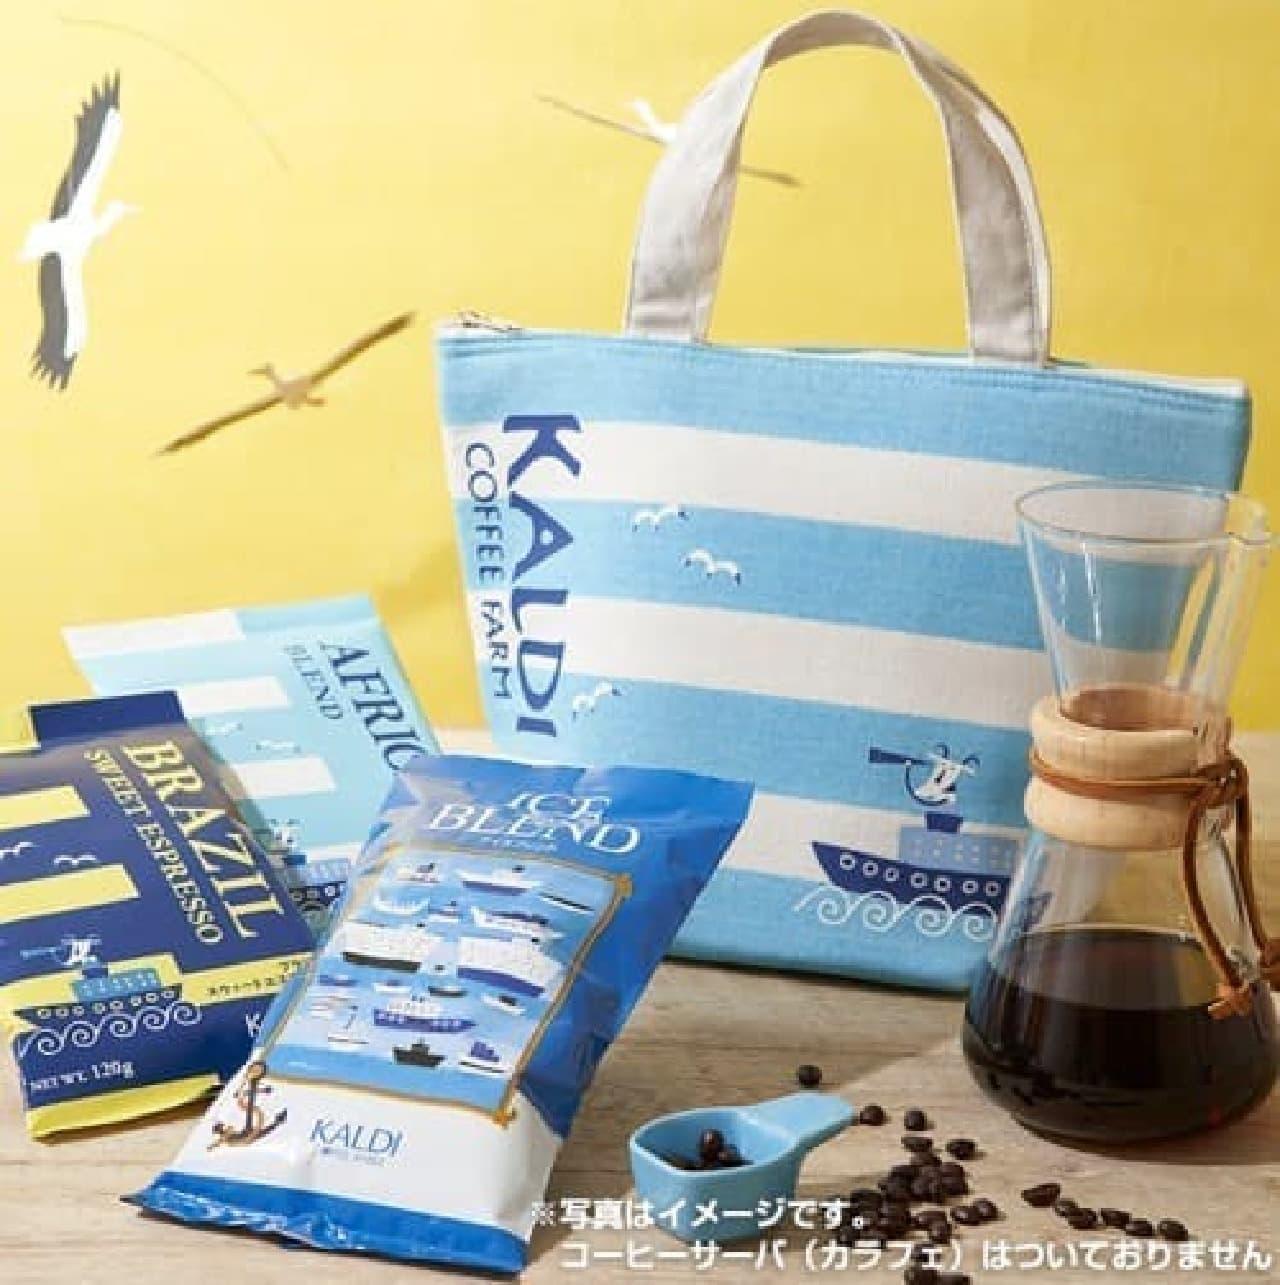 カルディ「夏のコーヒーバッグ」